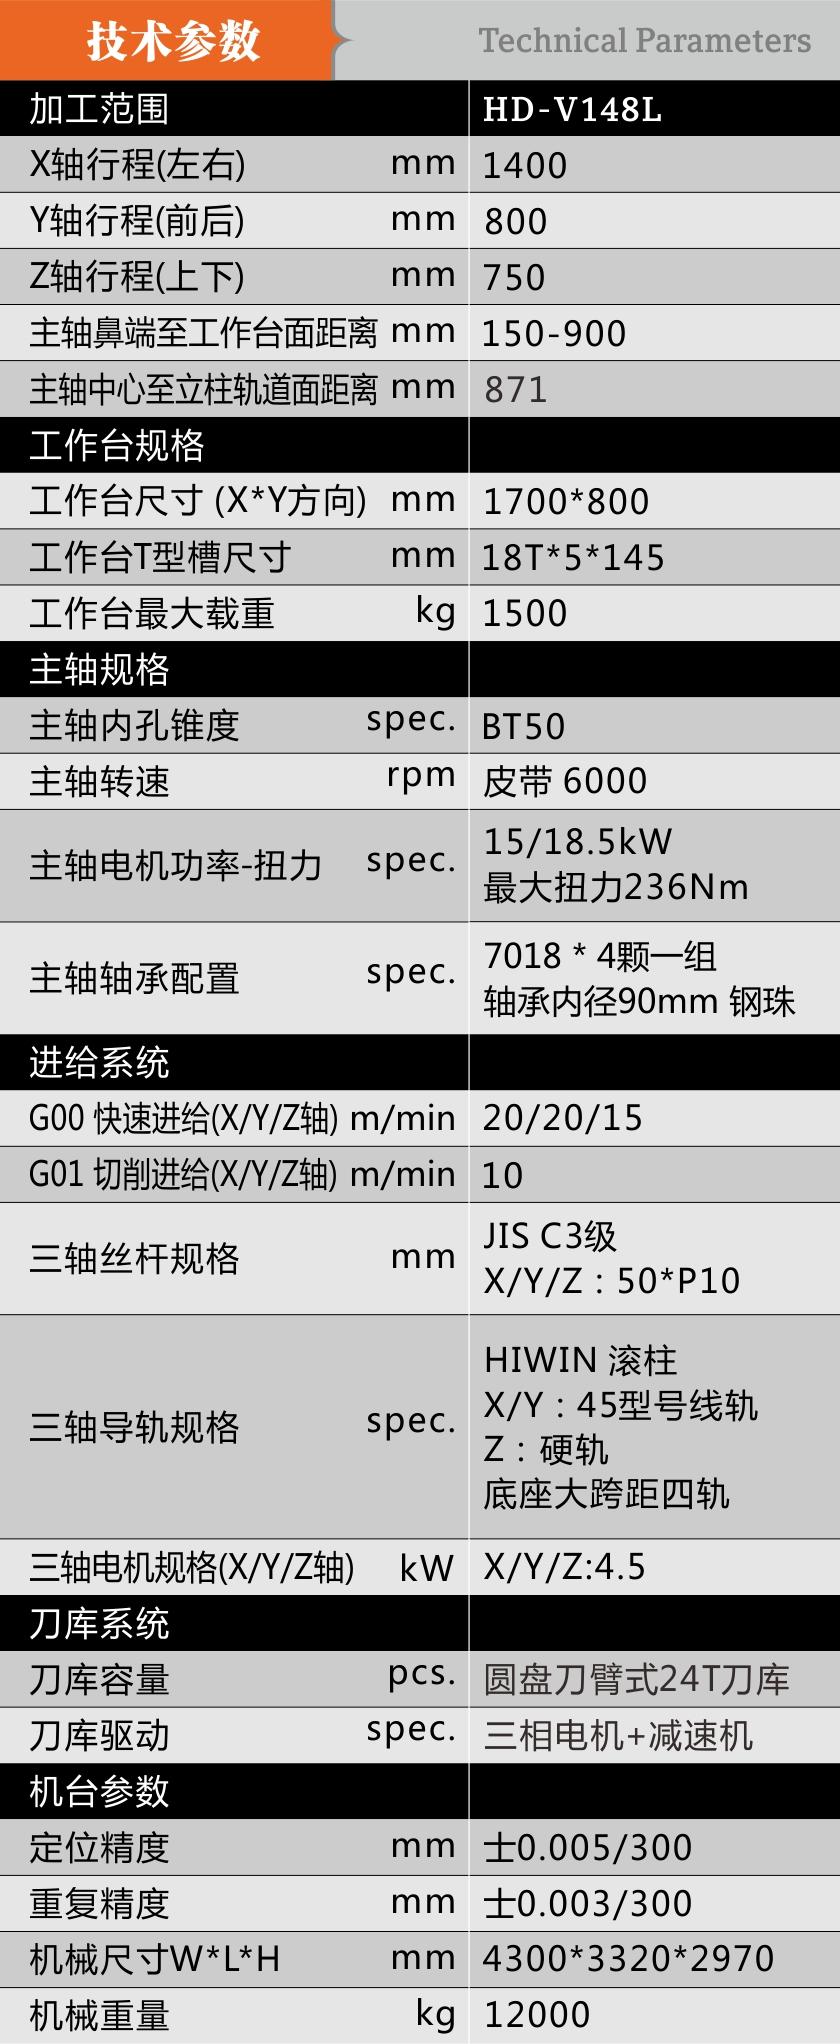 HD-V148L 大行程两线一硬立加